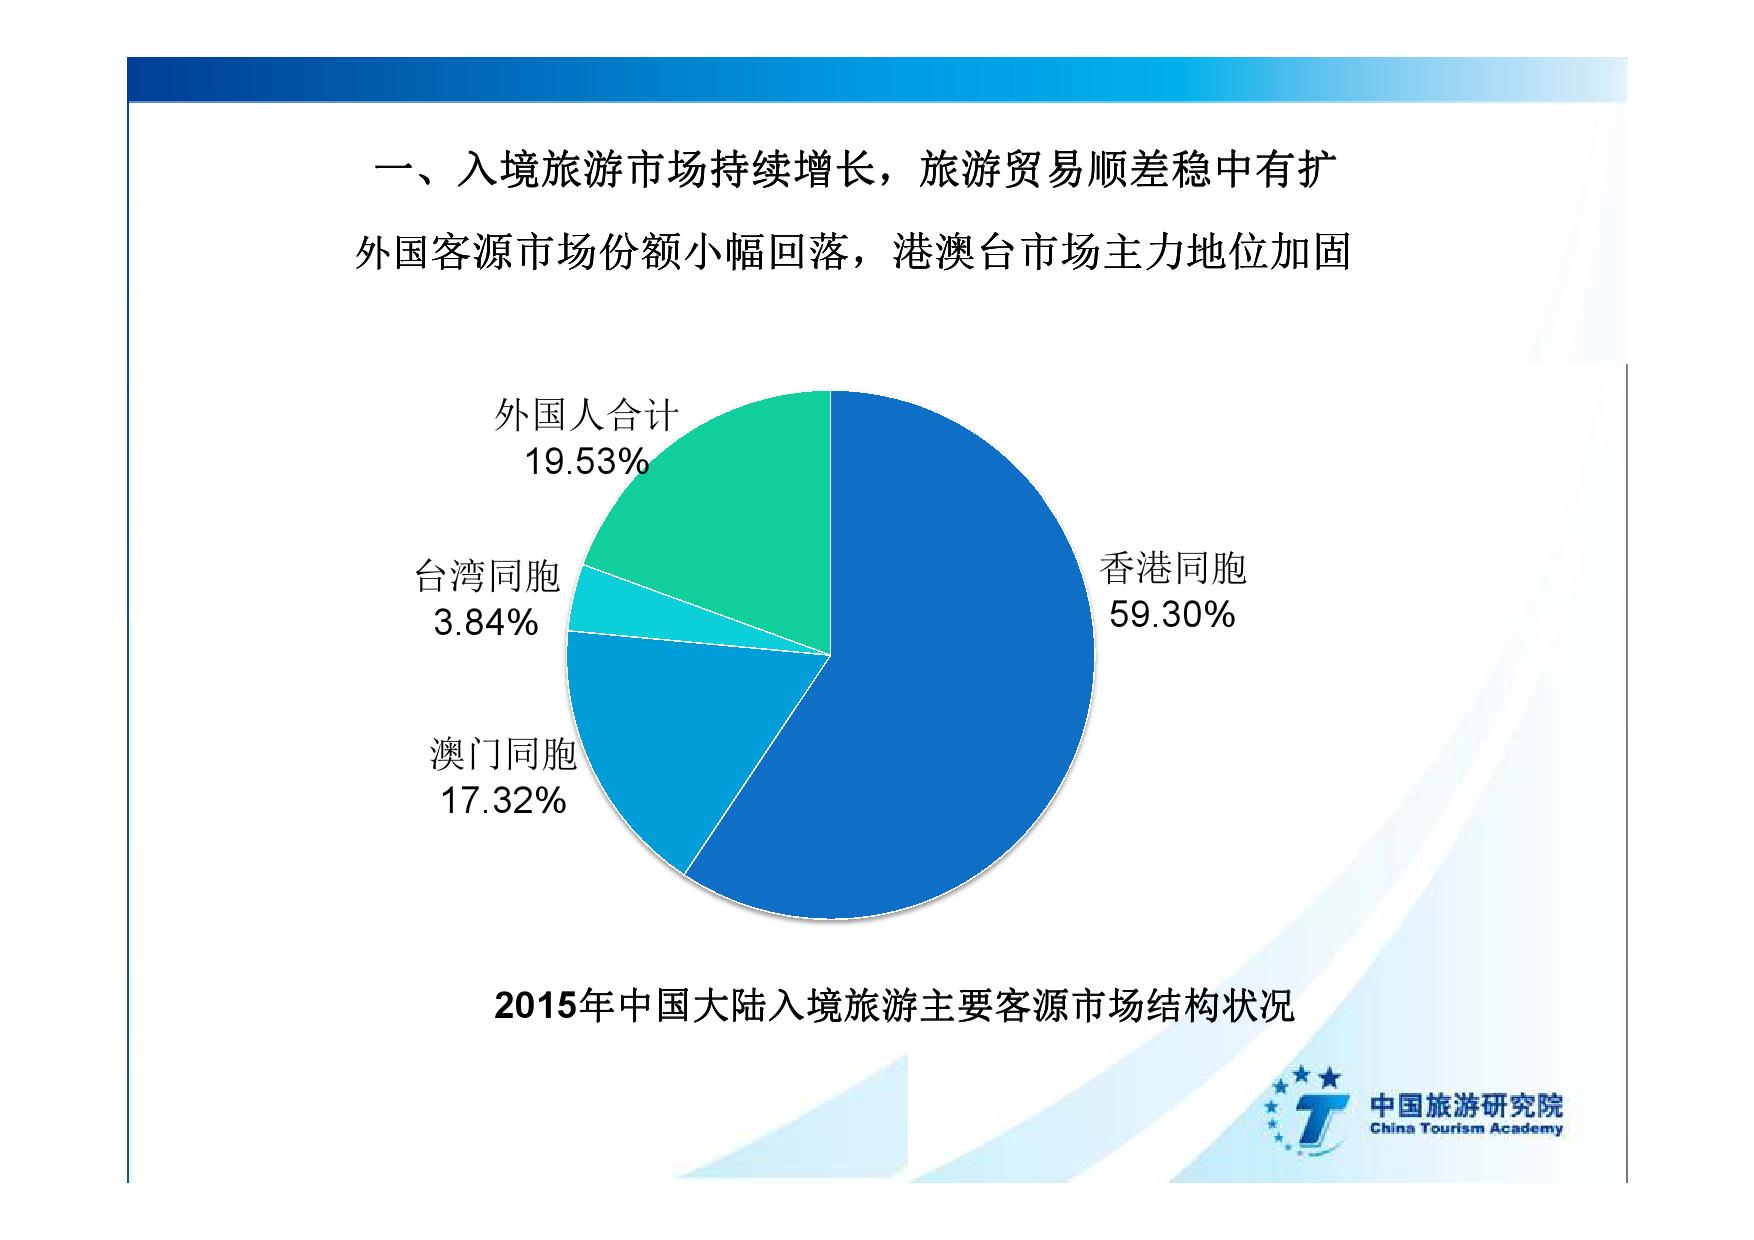 2016中国入境旅游发展年度报告_000008